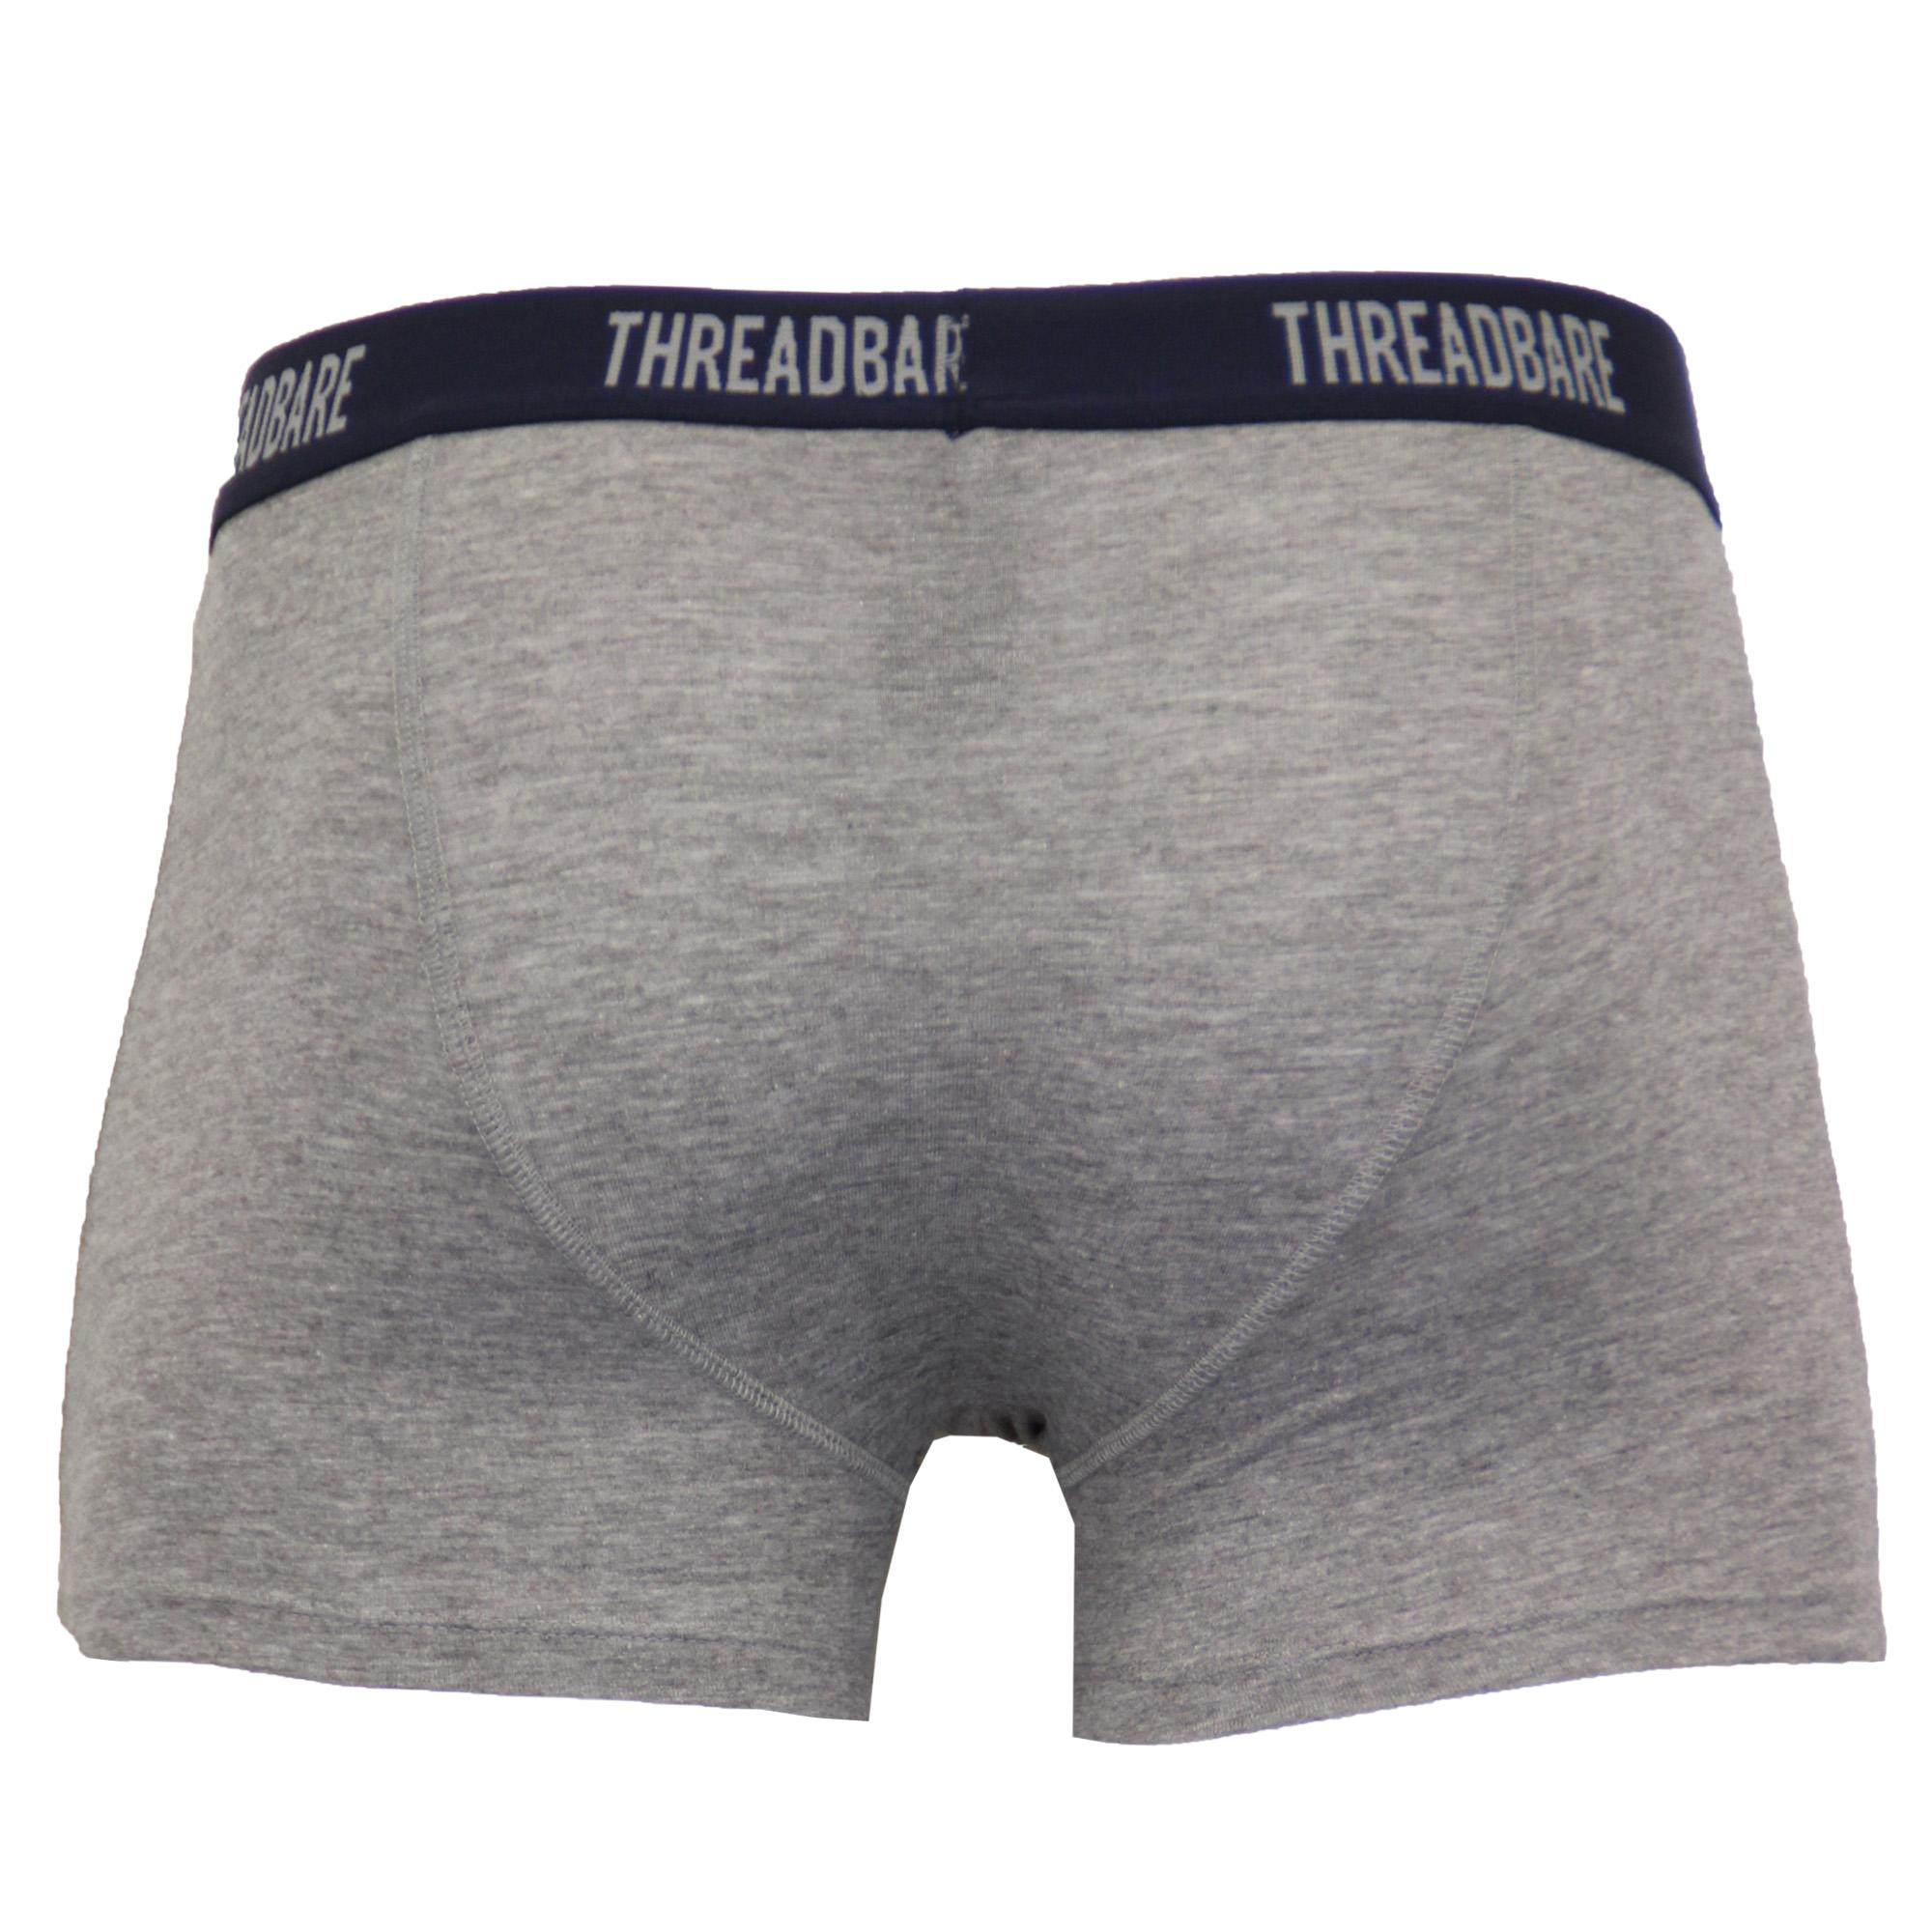 Mens Boxer Threadbare Underwear Plain Hipster 3 Pack Short Designer Trunks Plain